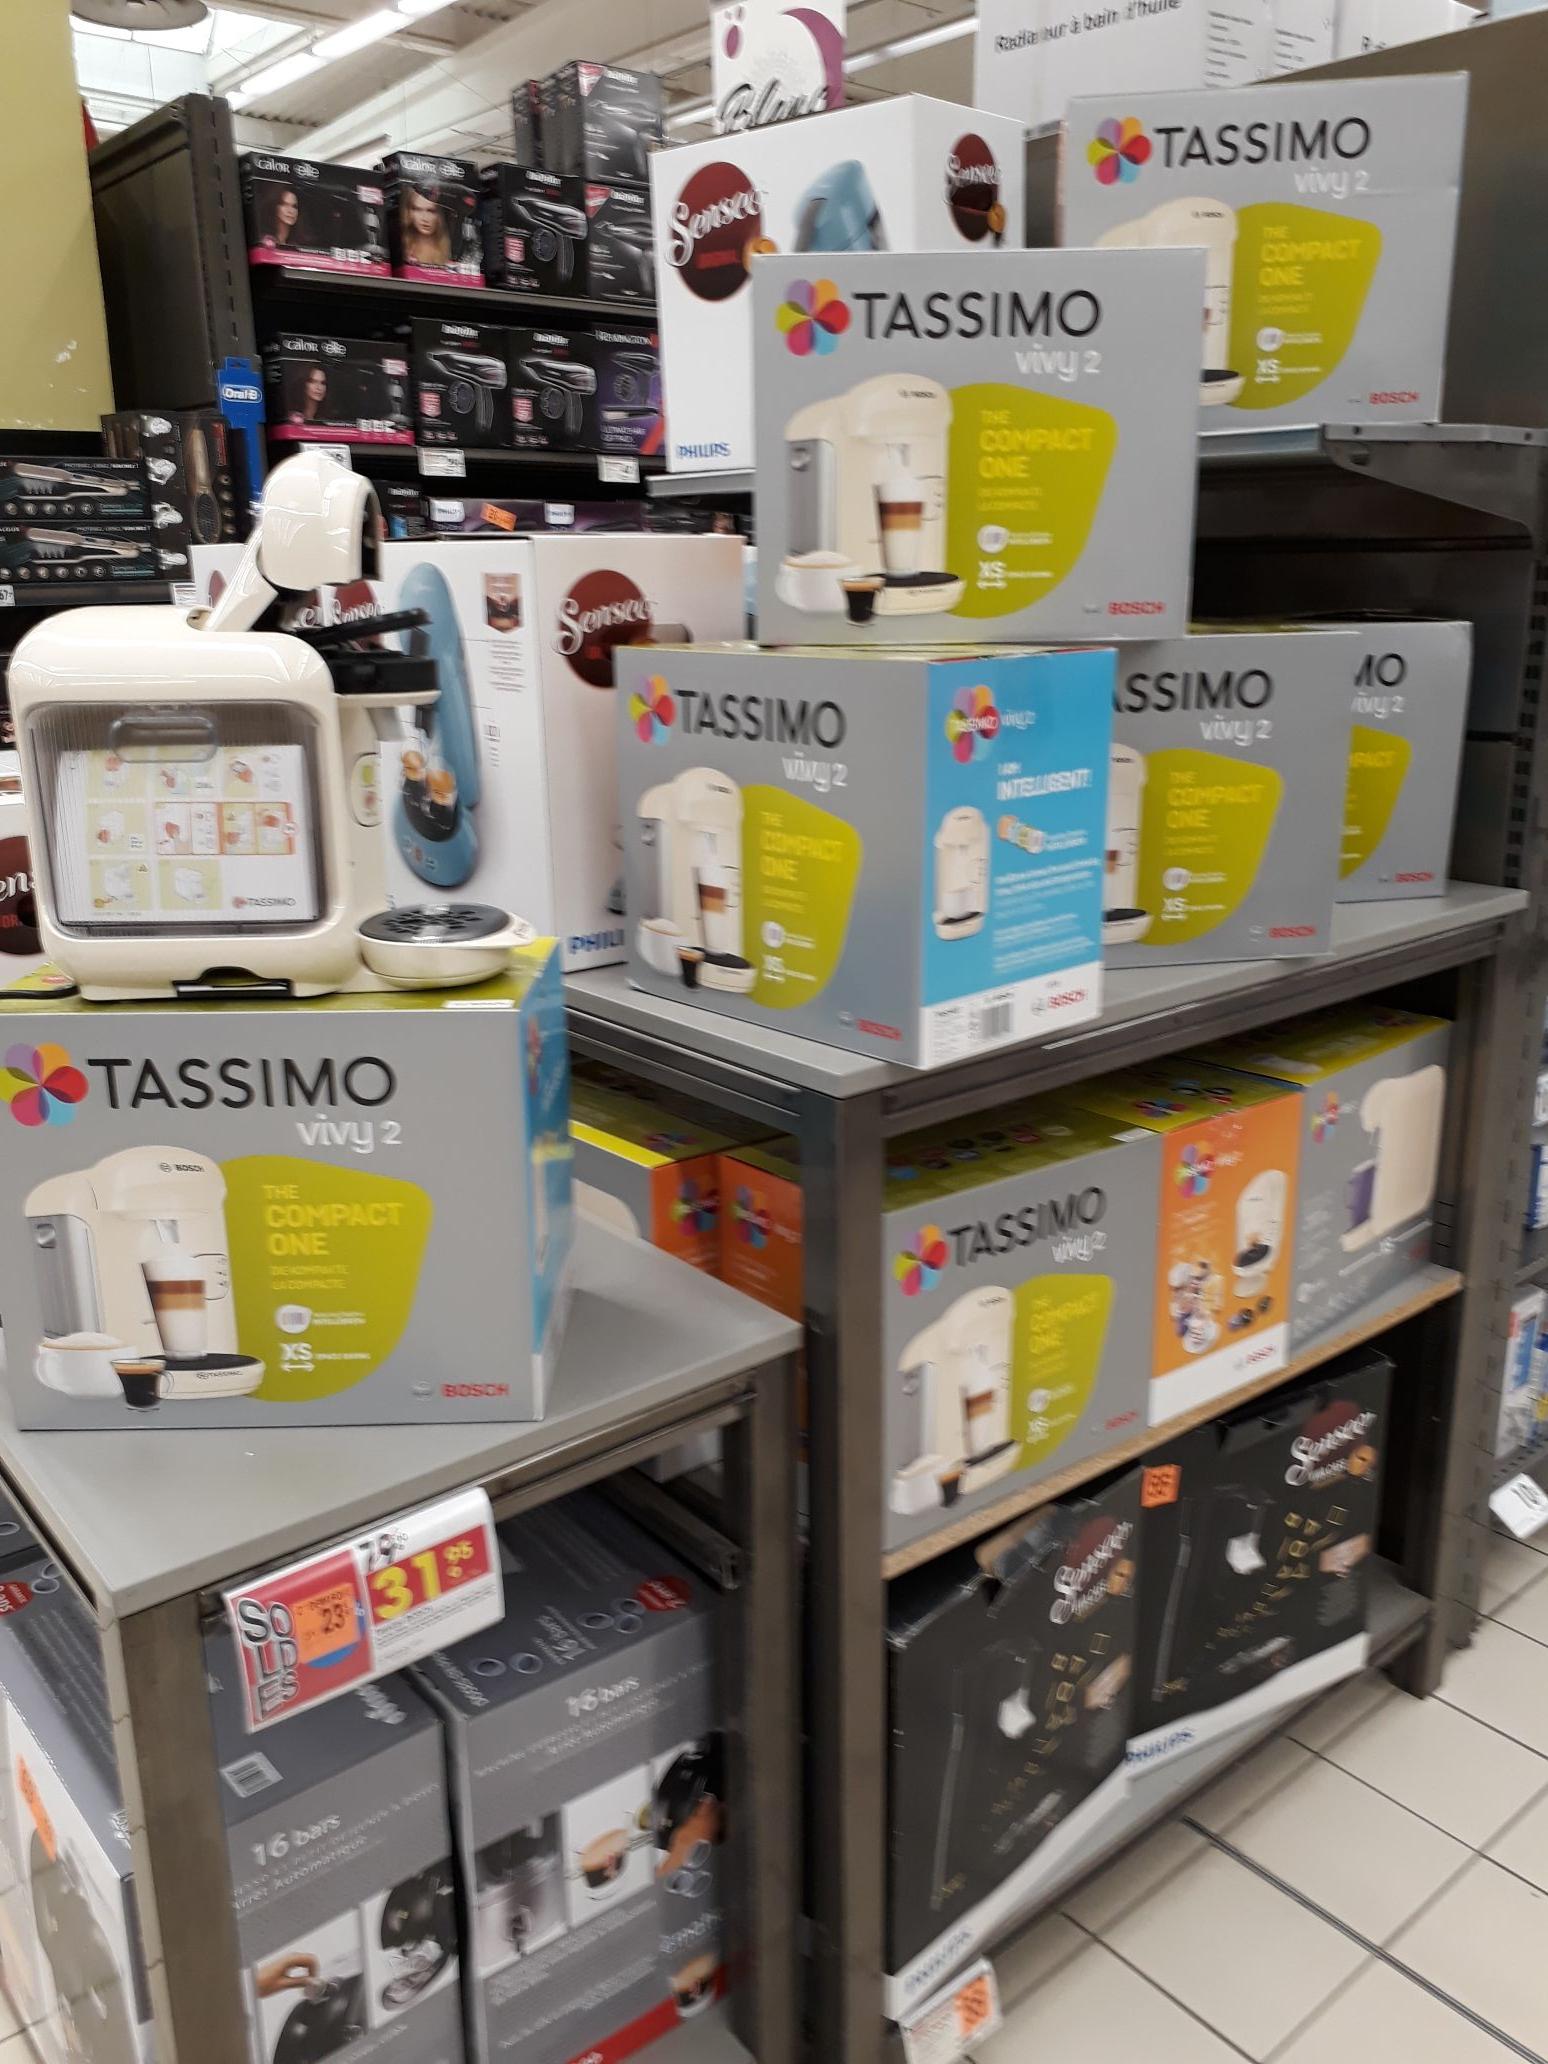 Machine à café Tassimo Vivy Vanille TAS1407 - Cholet (49)